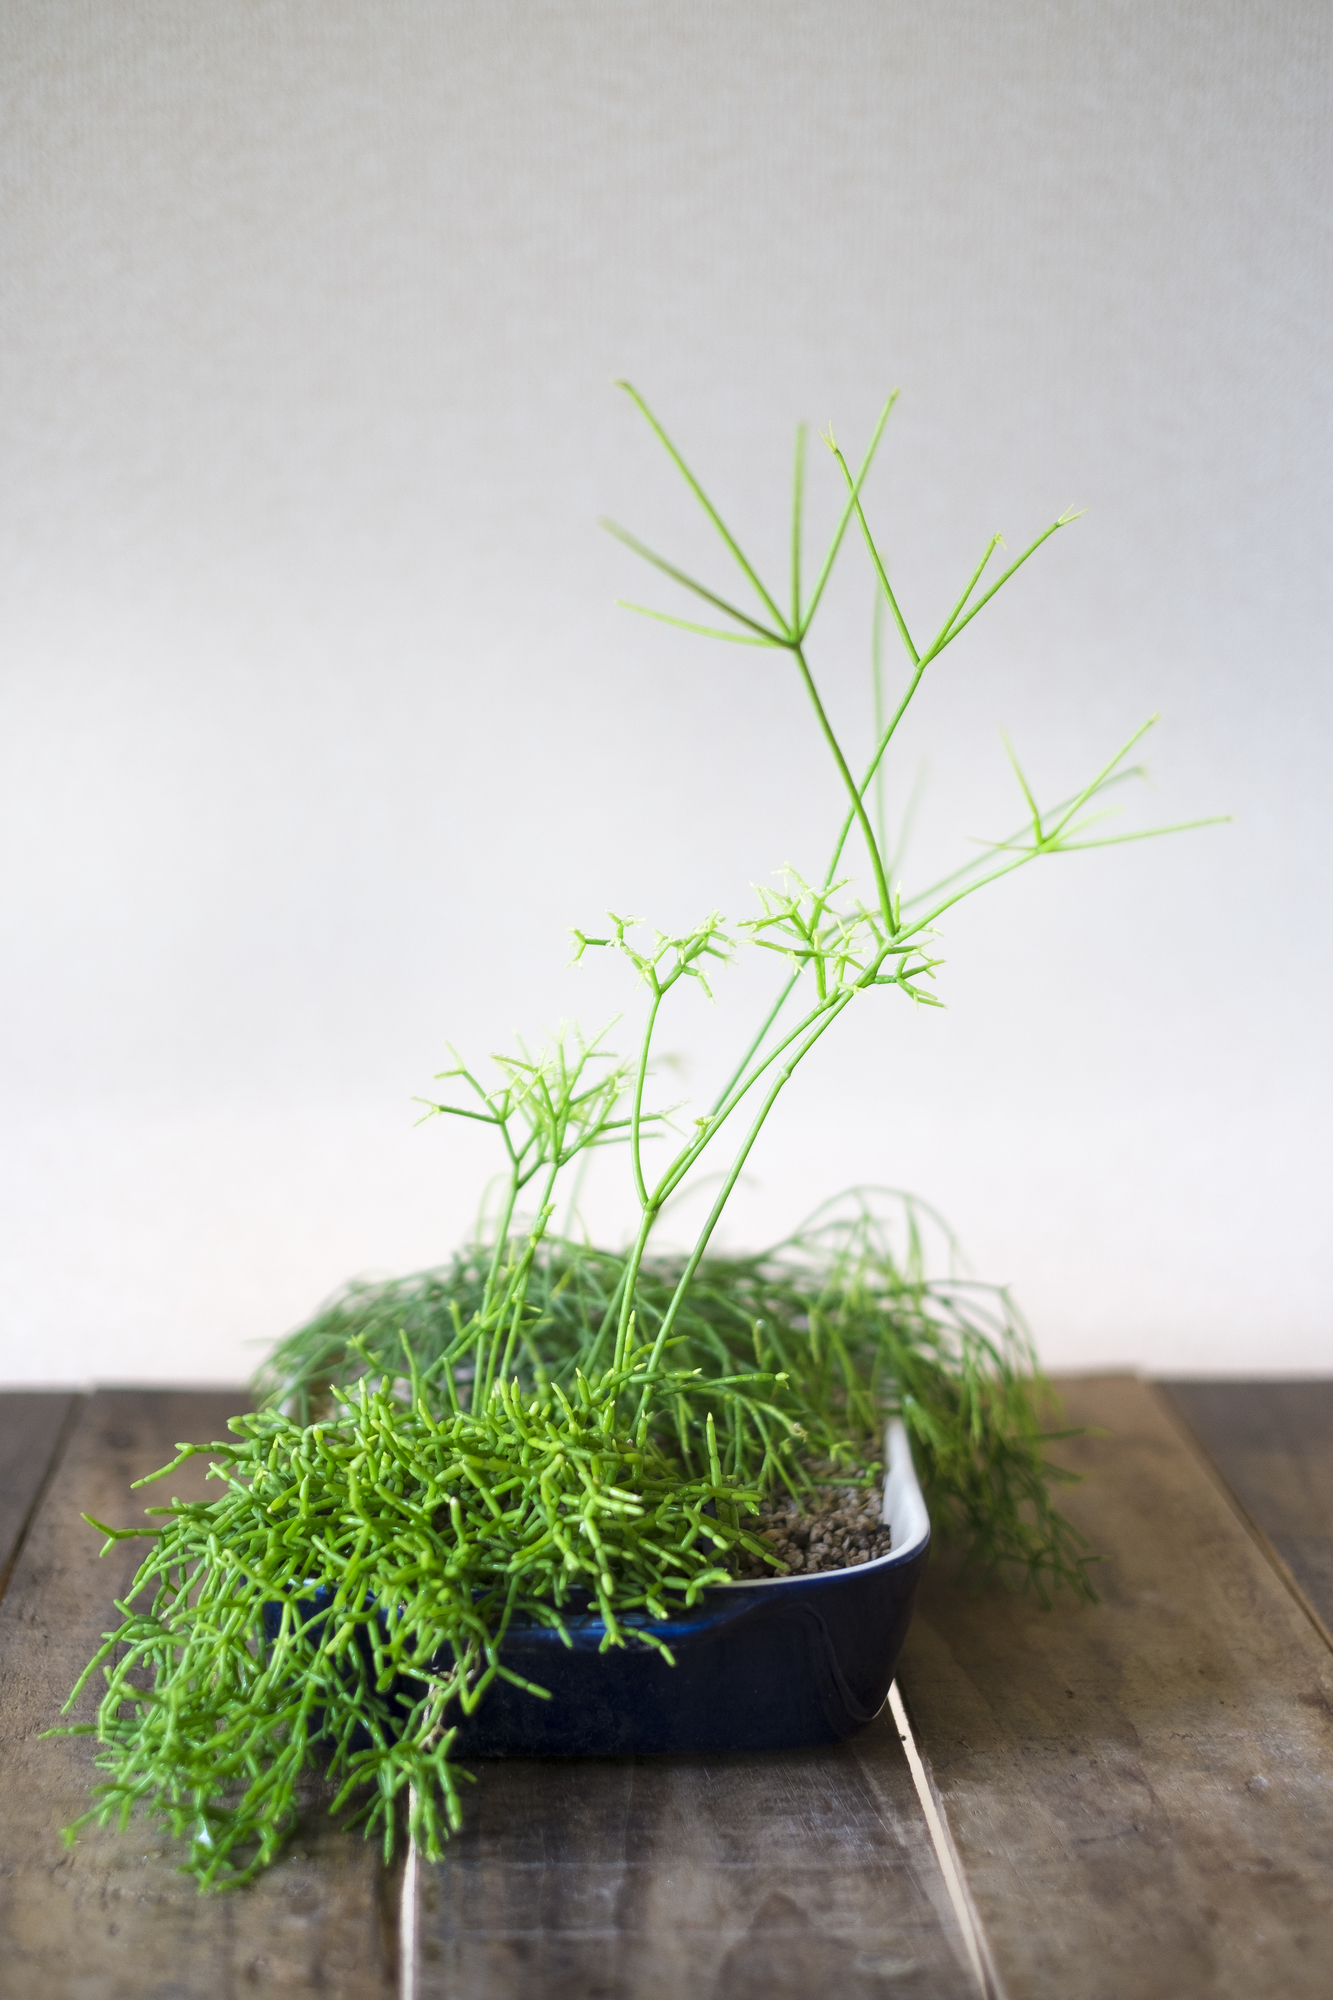 南北アメリカ大陸と、その周辺の島々の乾燥地に分布している観葉植物。一年を通して、風通しの良い、明るい日陰を好みます。細い茎が分布しながら何本も伸び、生育している変わり種。